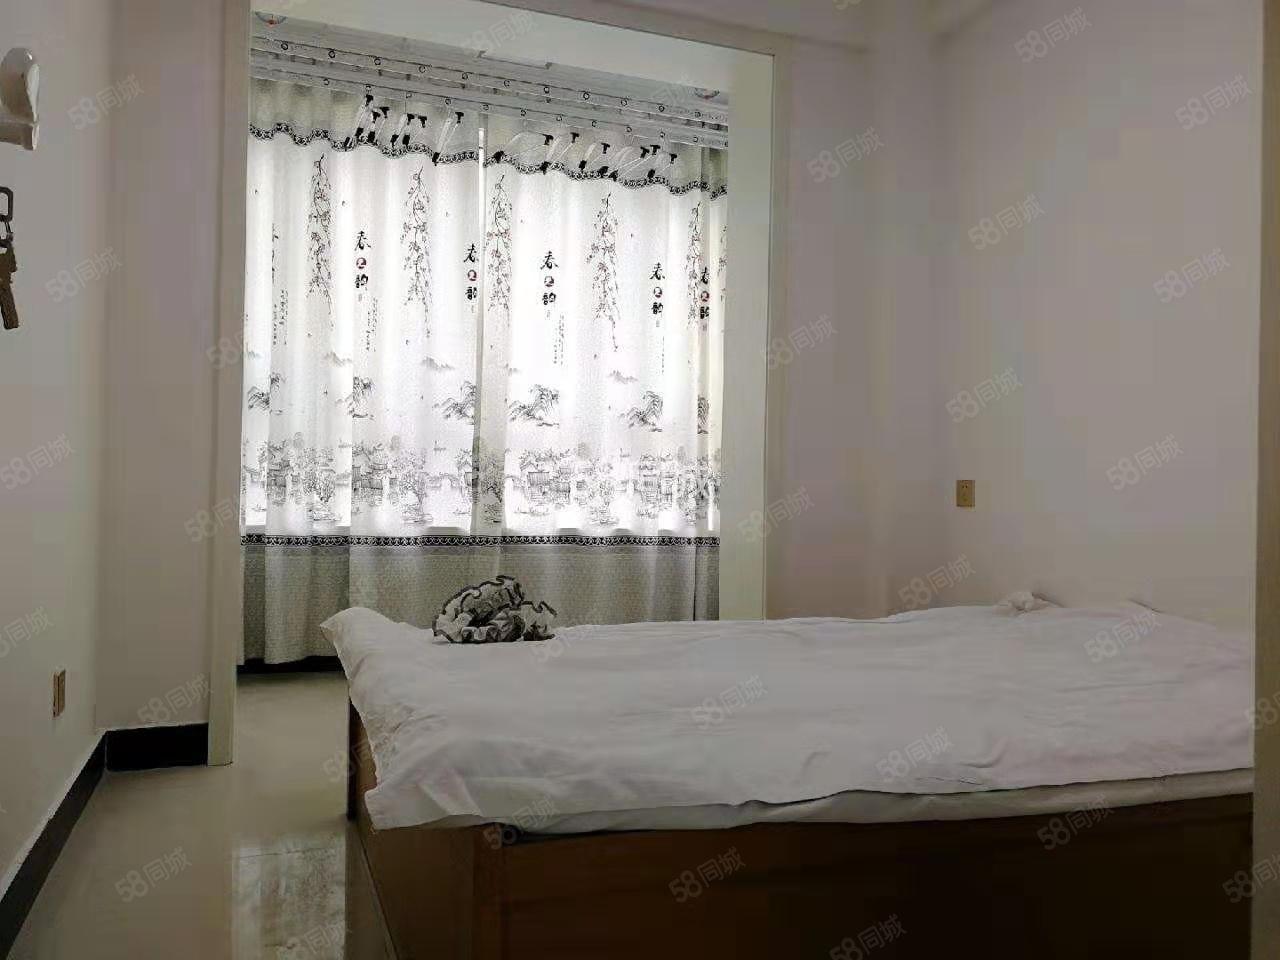 皇臺一區,電梯房,價格可議,一室一廳,精致裝修,頭次出租